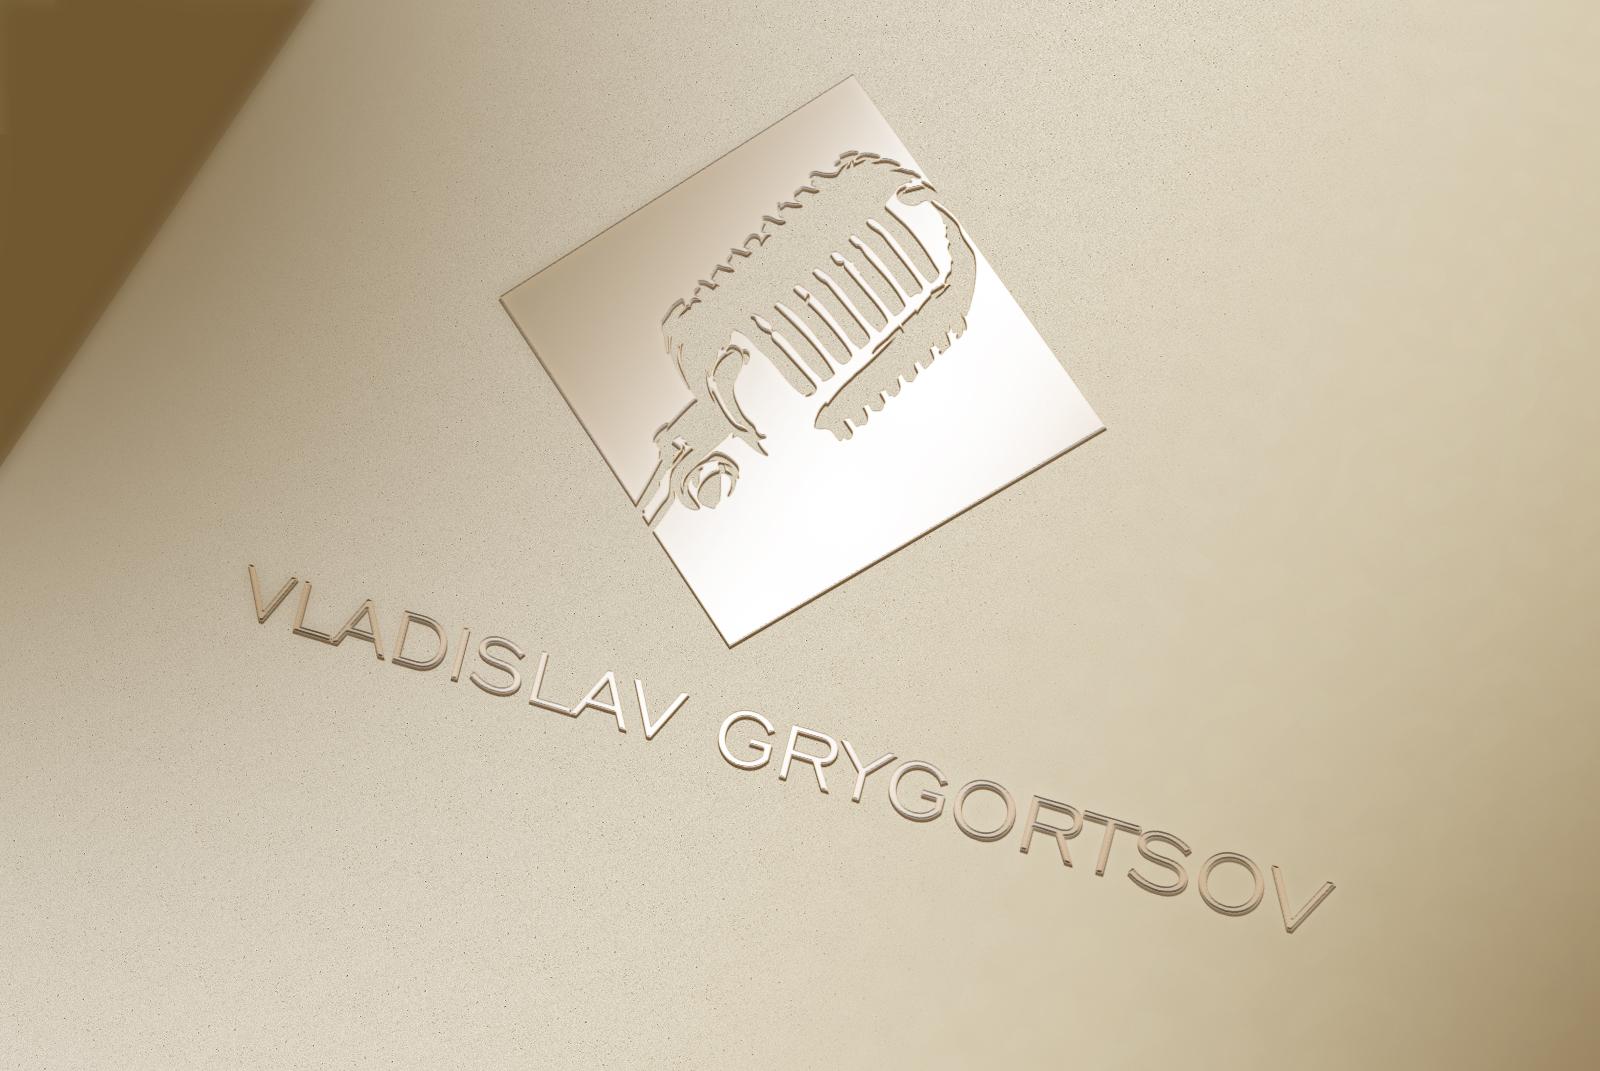 Разработка логотипа для ведущего мероприятий Владислава Григорцова